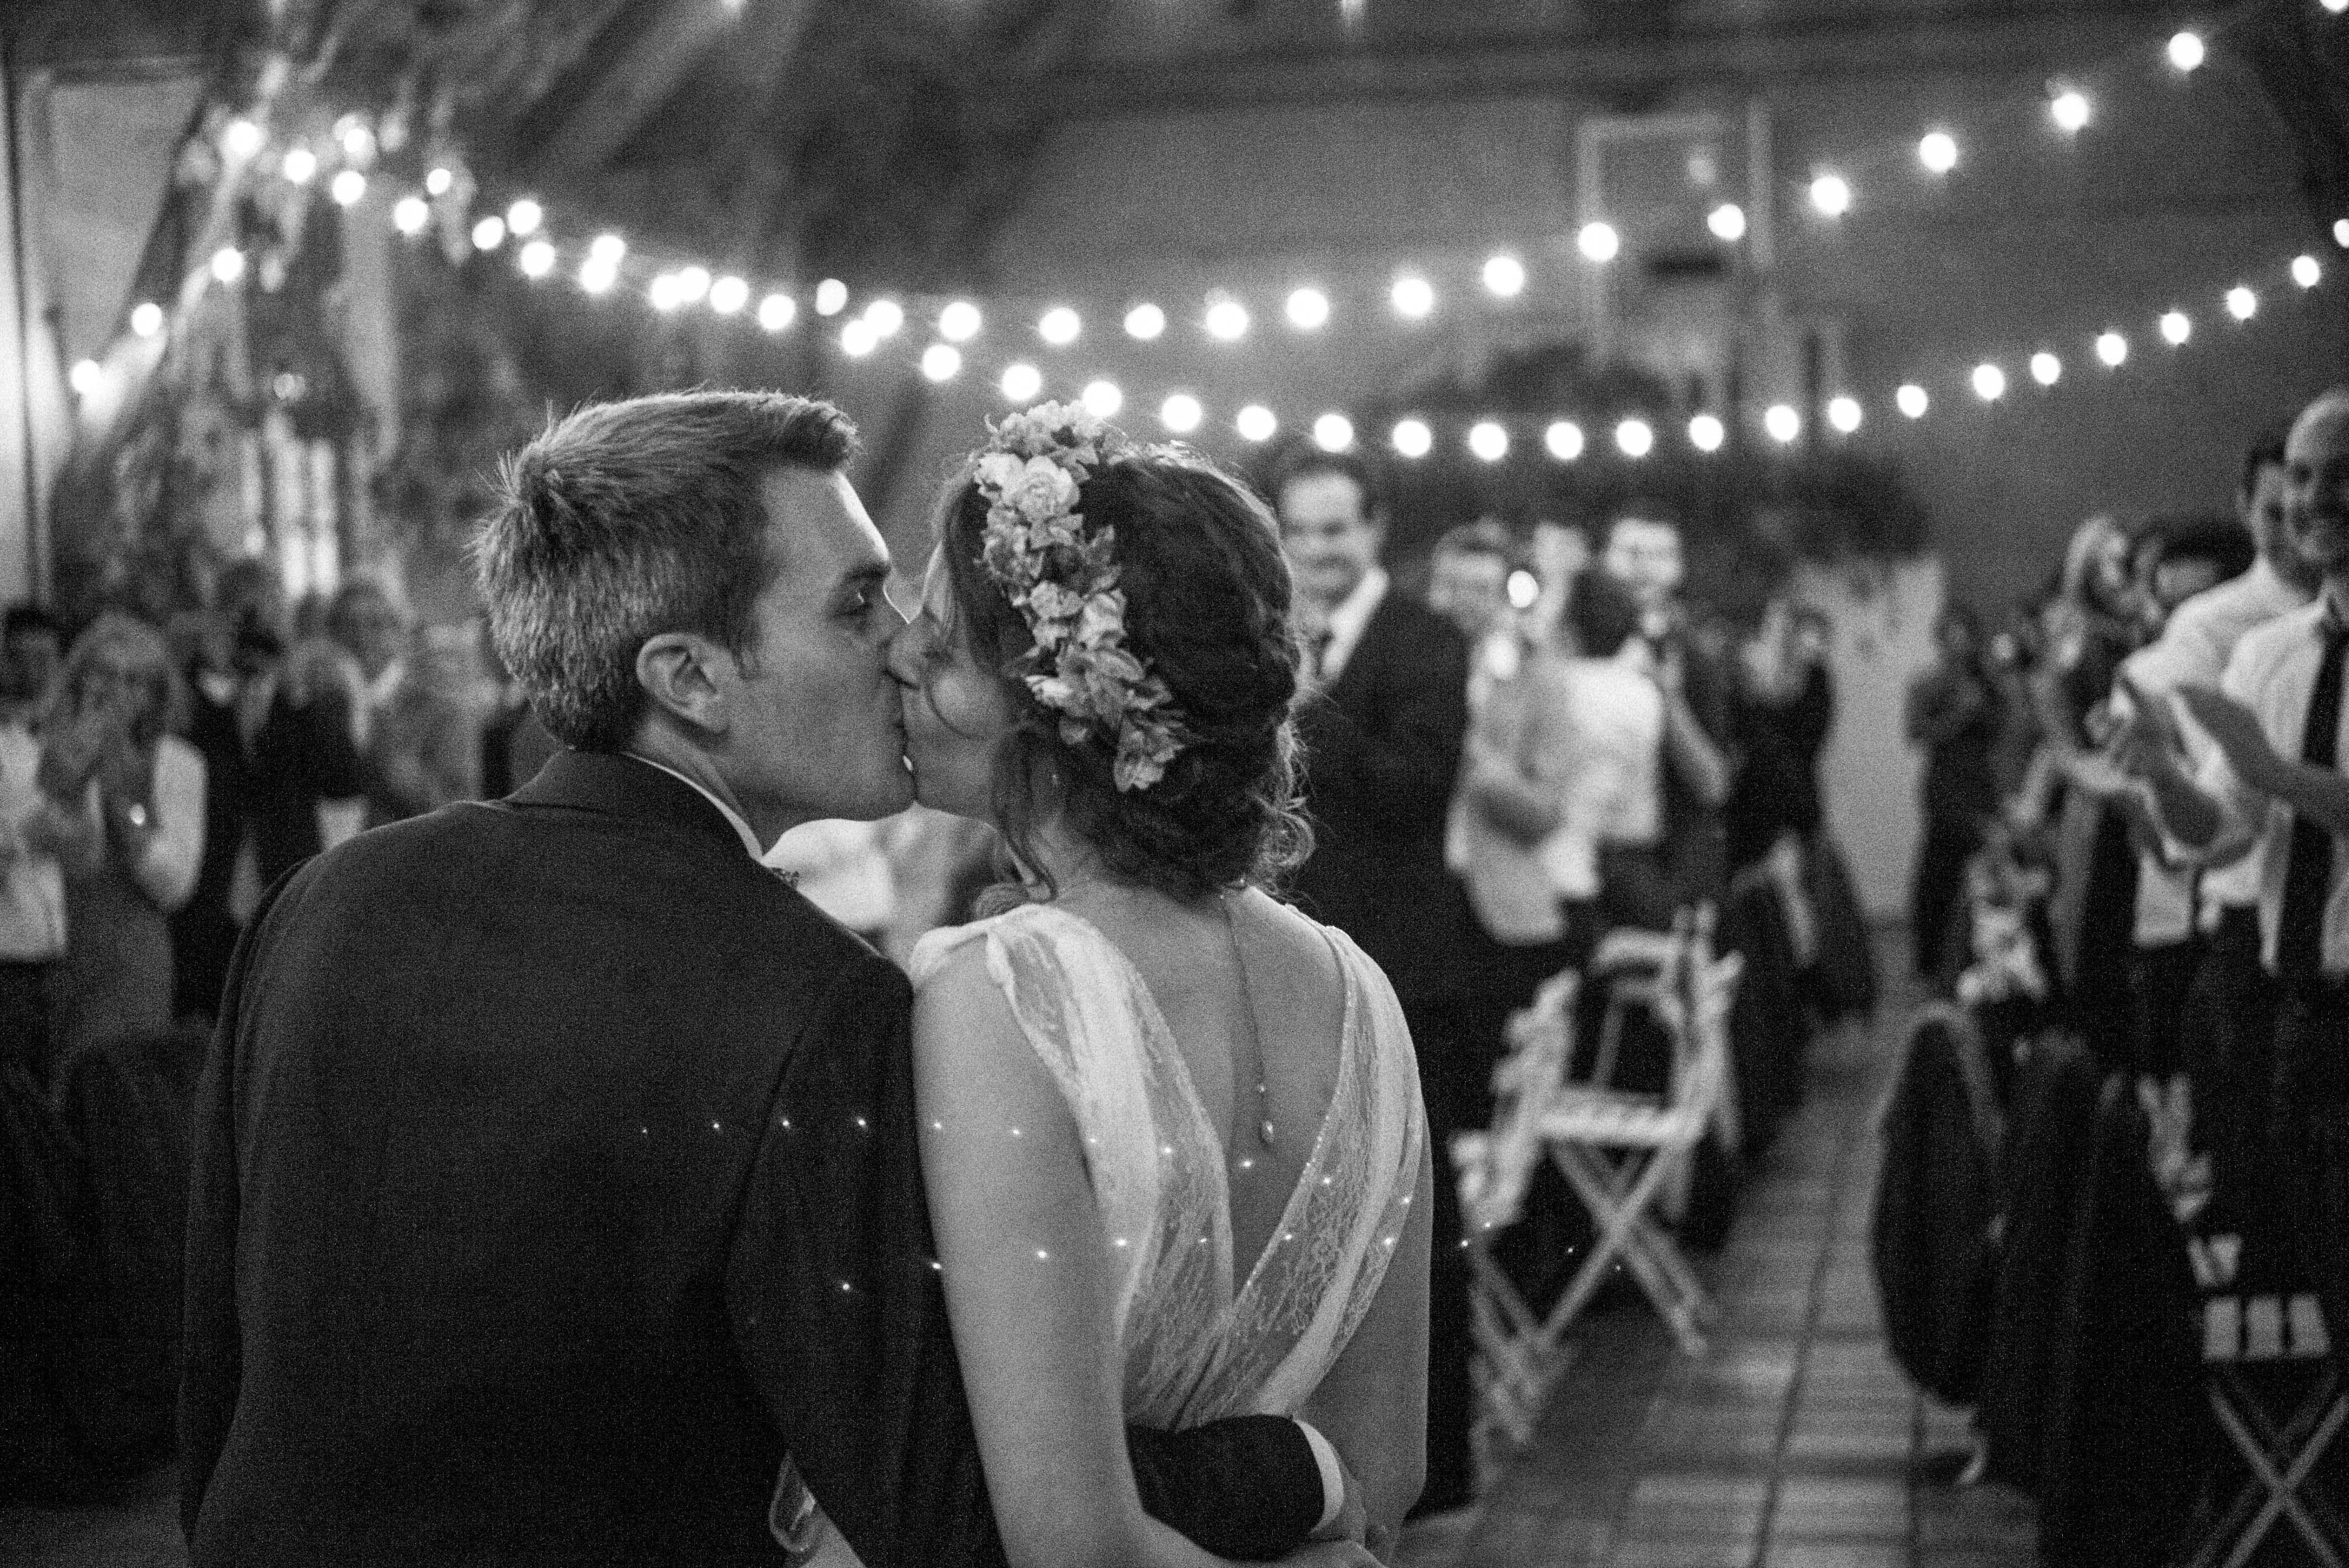 Mariage bleu - Mariage doré - Mariage Normandie - Mariage Manoir des Prévanches - Mariage chic - Les crâneuses - Wedding planner - Wedding designer